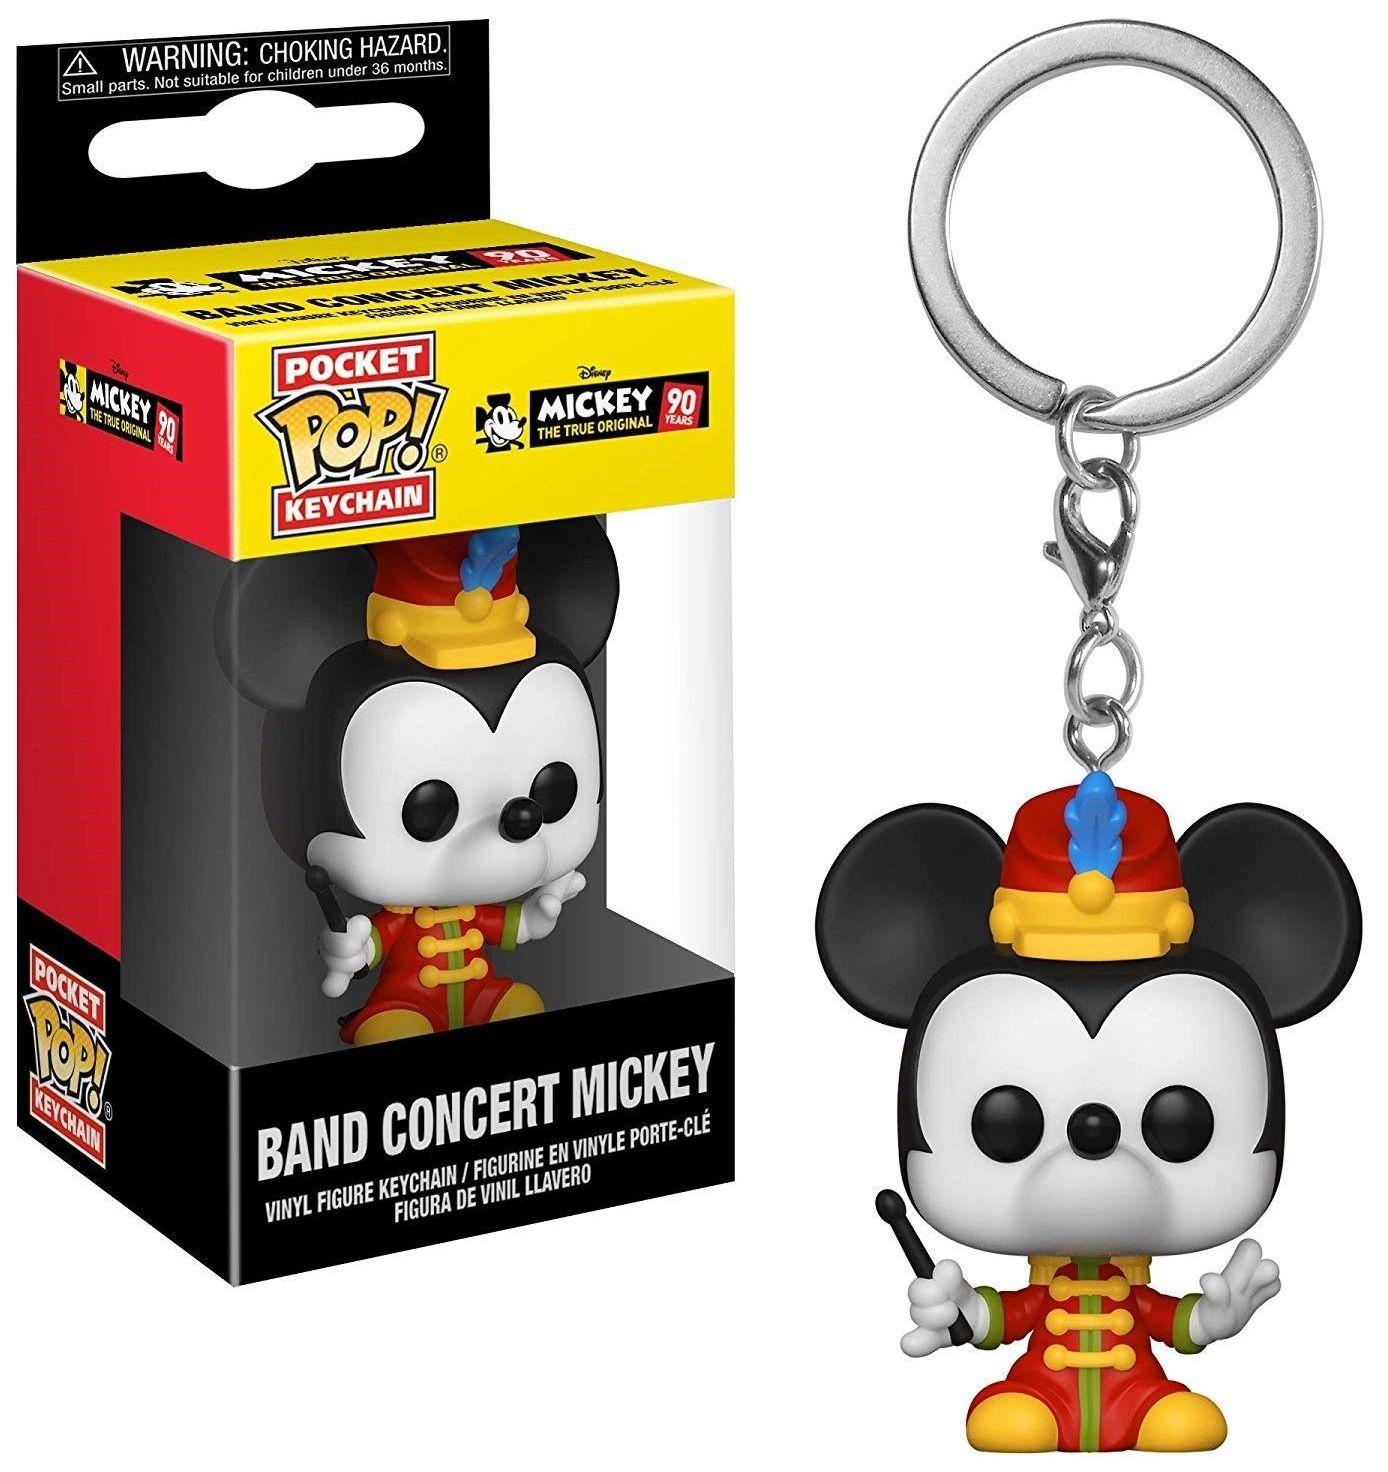 Брелок Mickey: The True Original (90 Years)